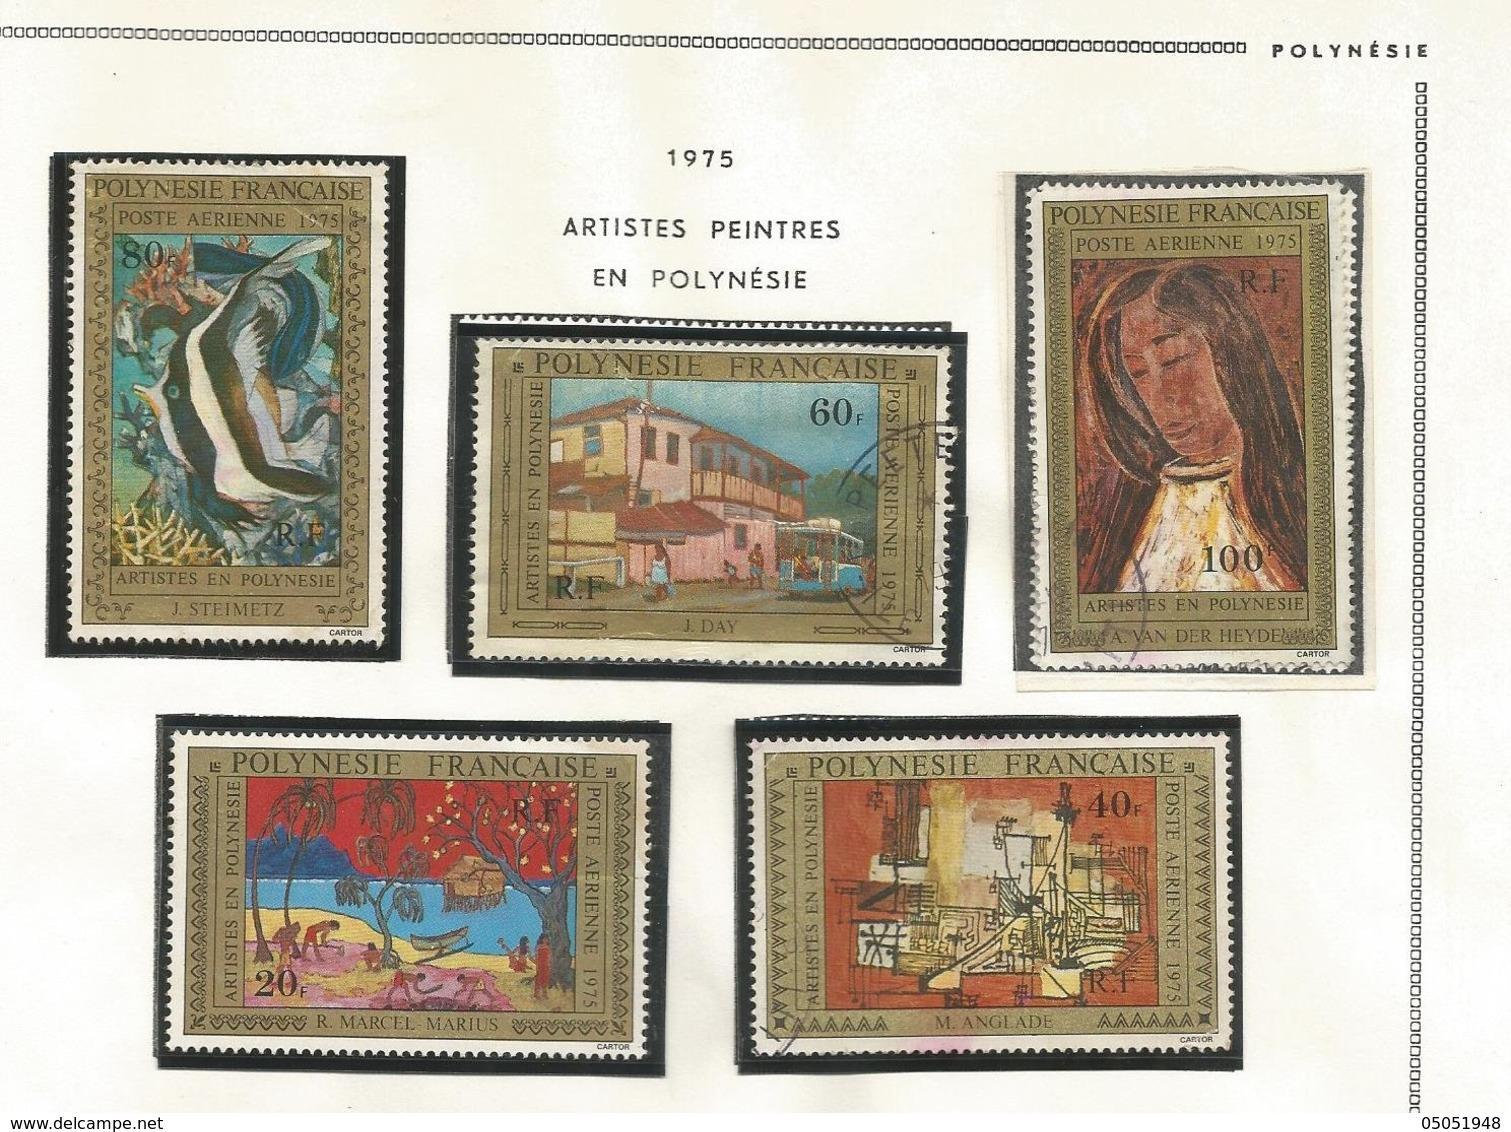 98/102  Artistes En Polynésie  (pag12 Claspolubleu) - Oblitérés